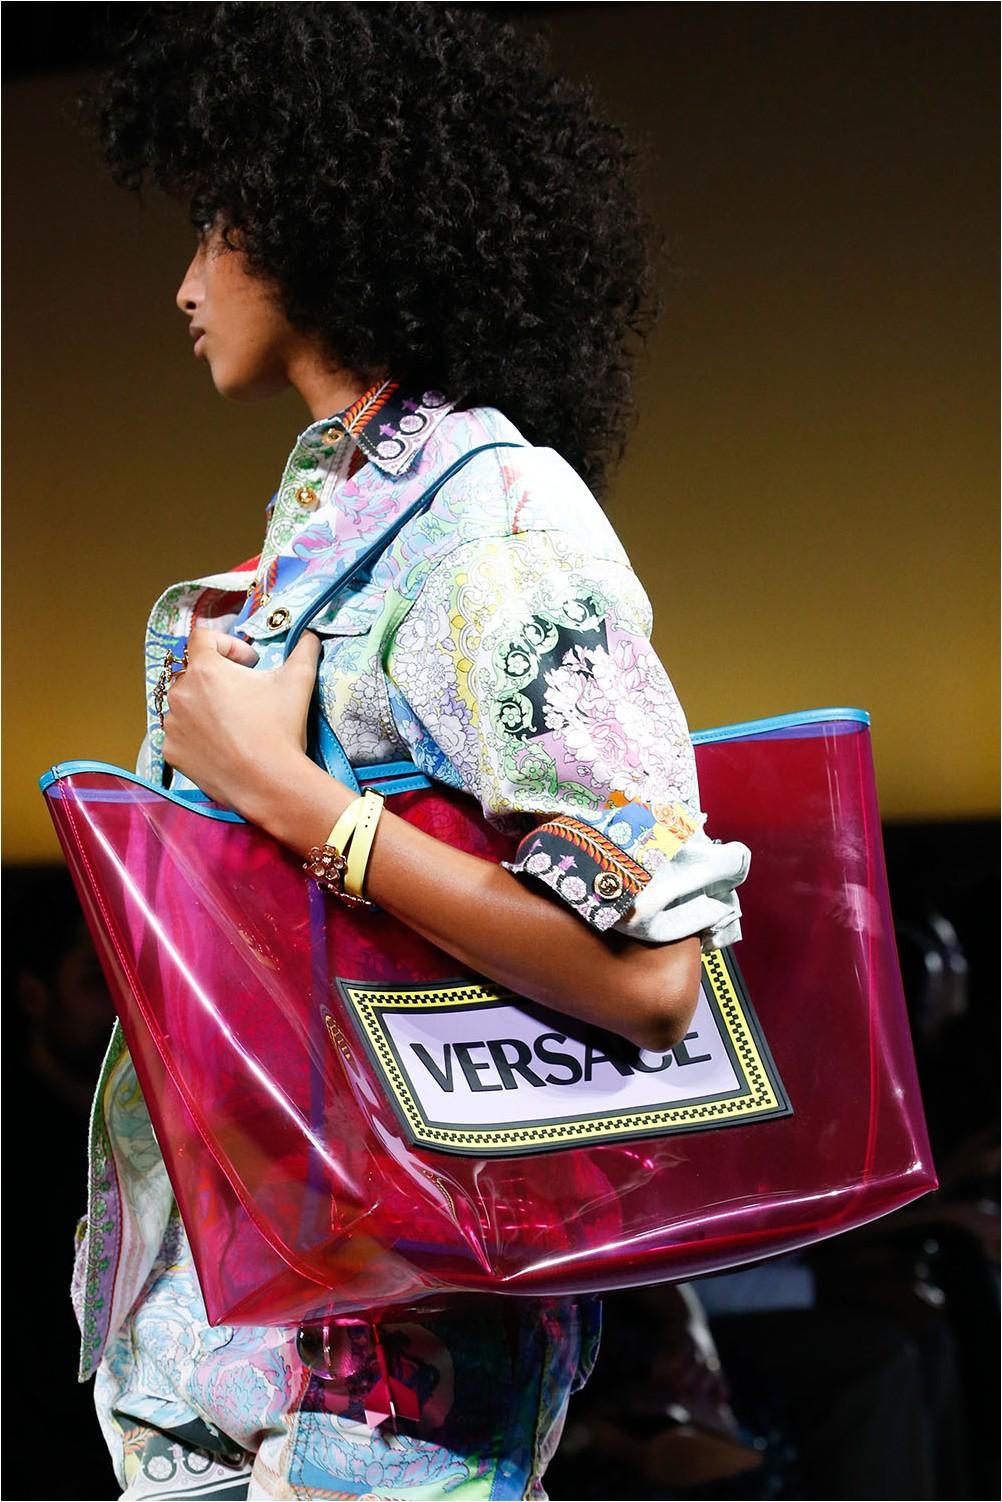 Transparent Versace Bag